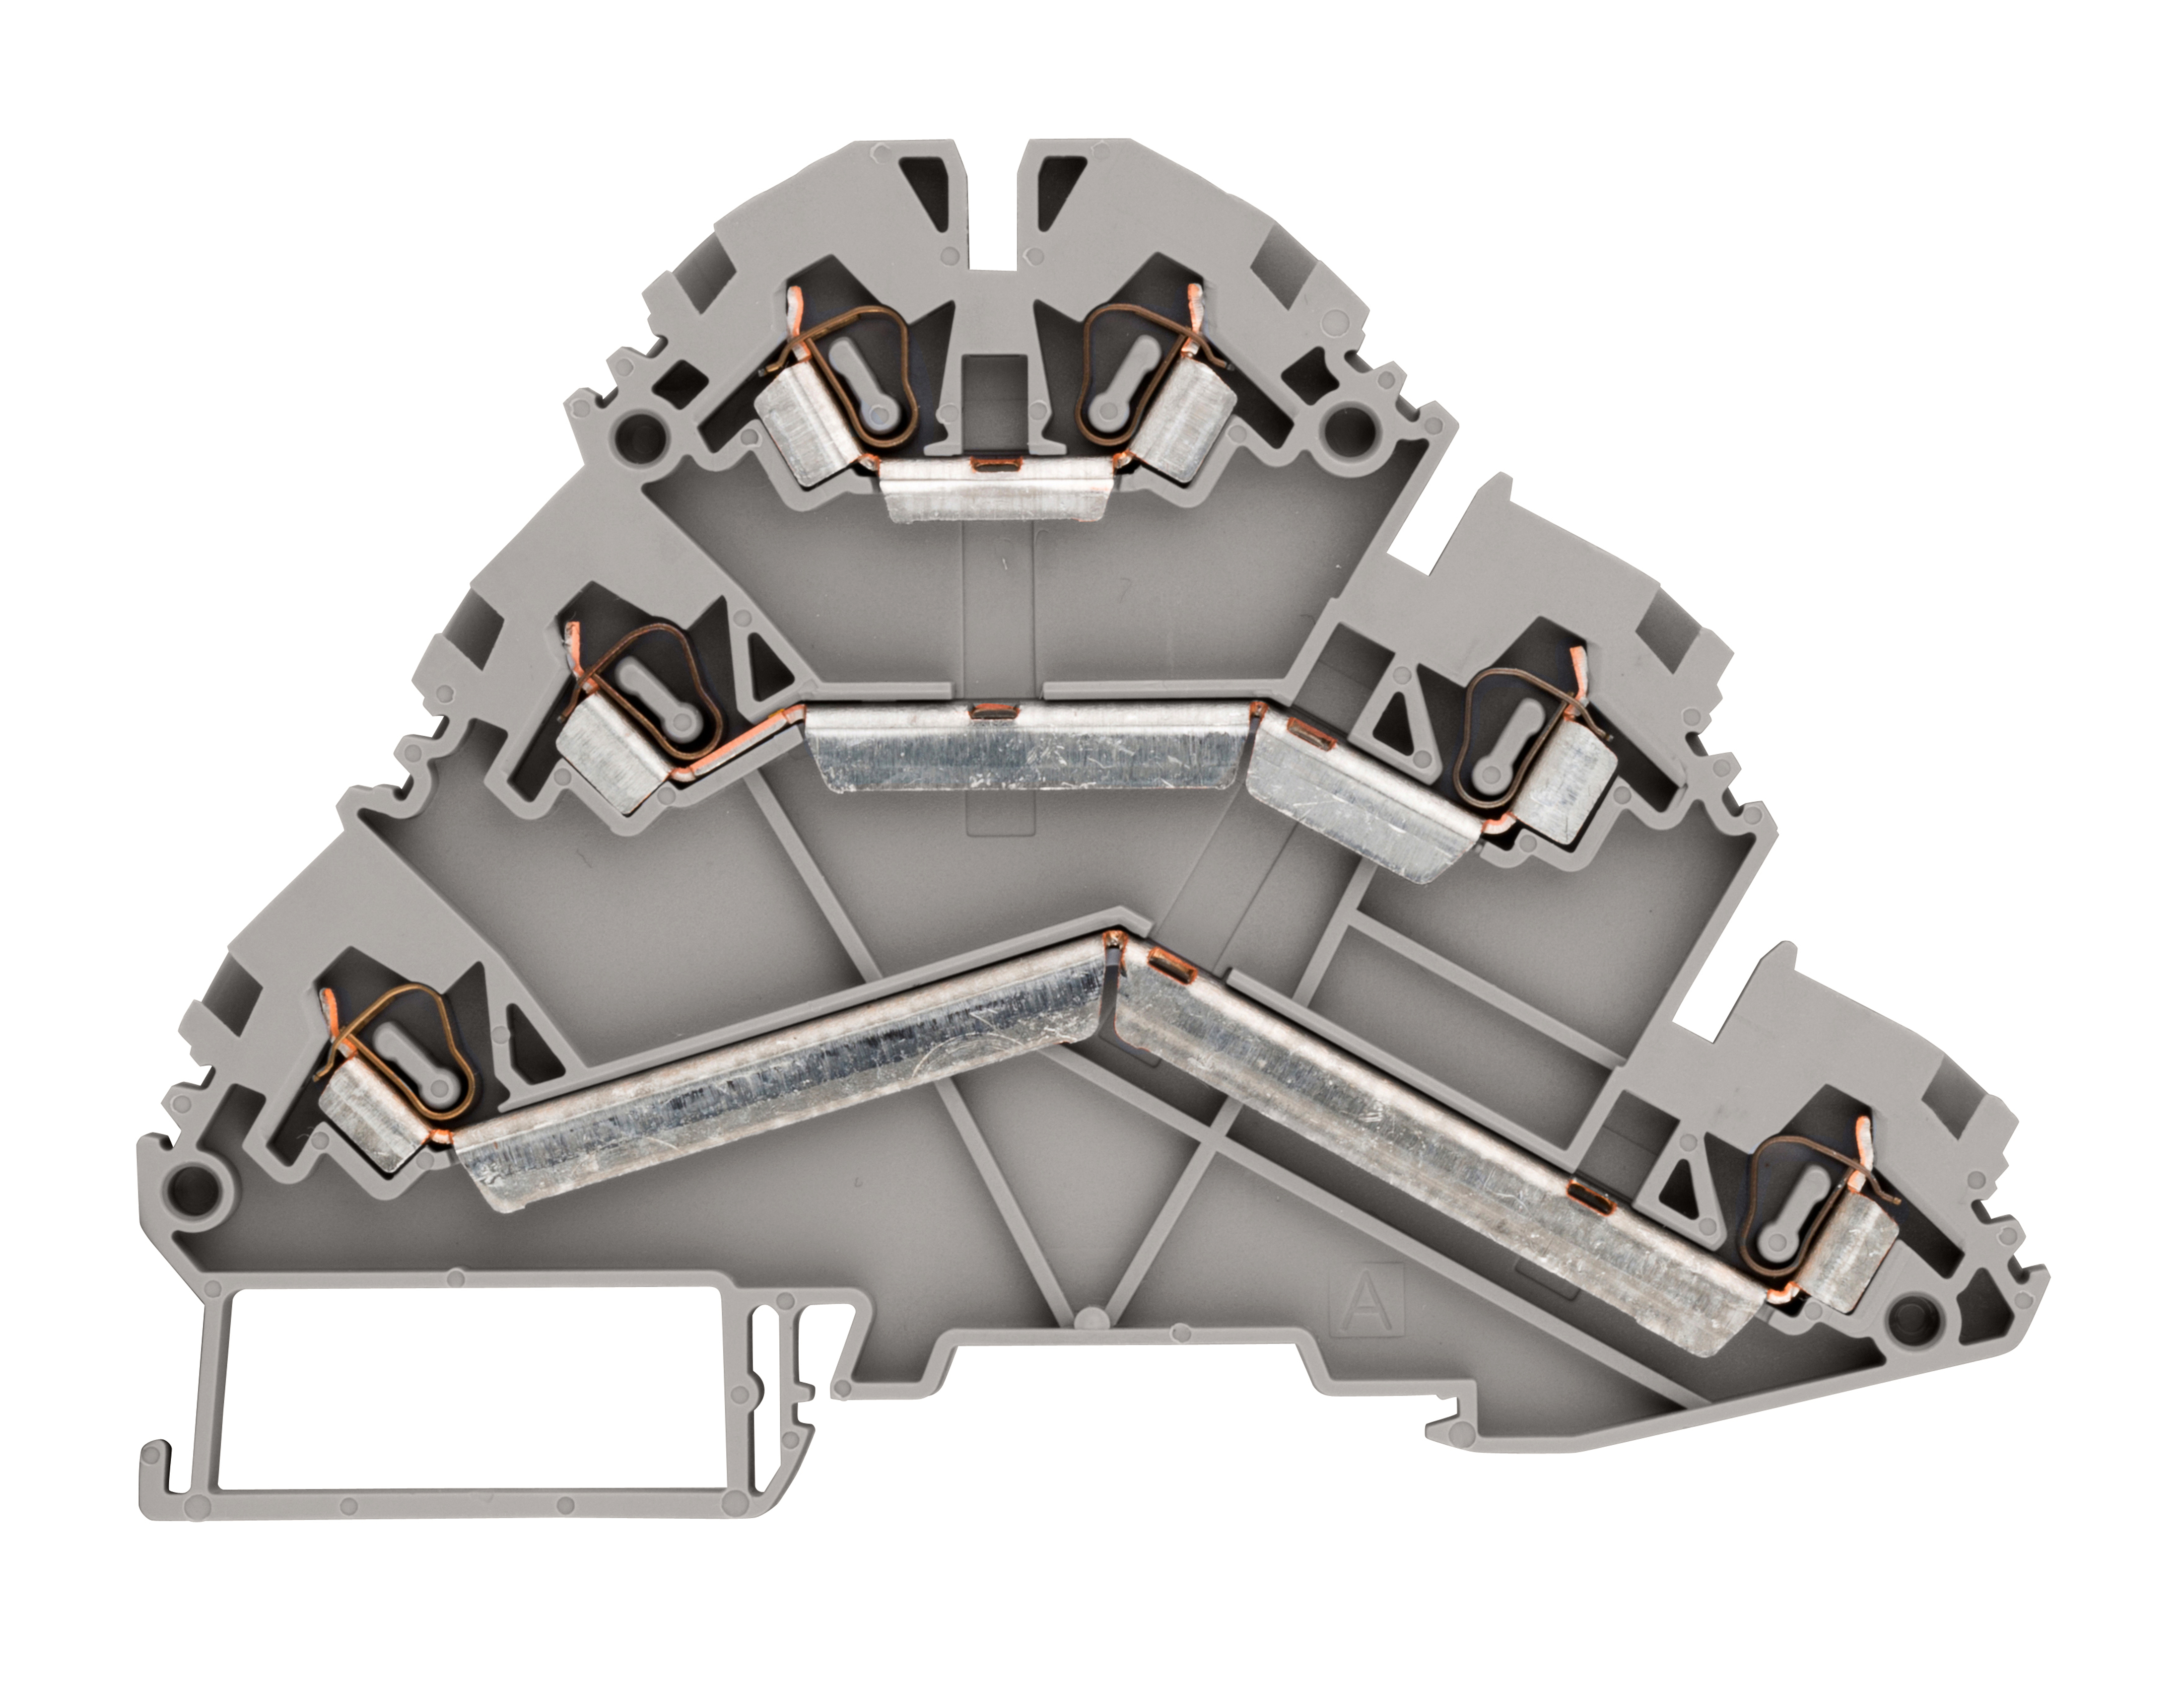 1 Stk Dreistockklemme 2,5mm² (L/L/L), Type YBK 2.5 - 3 F grau IK690001--